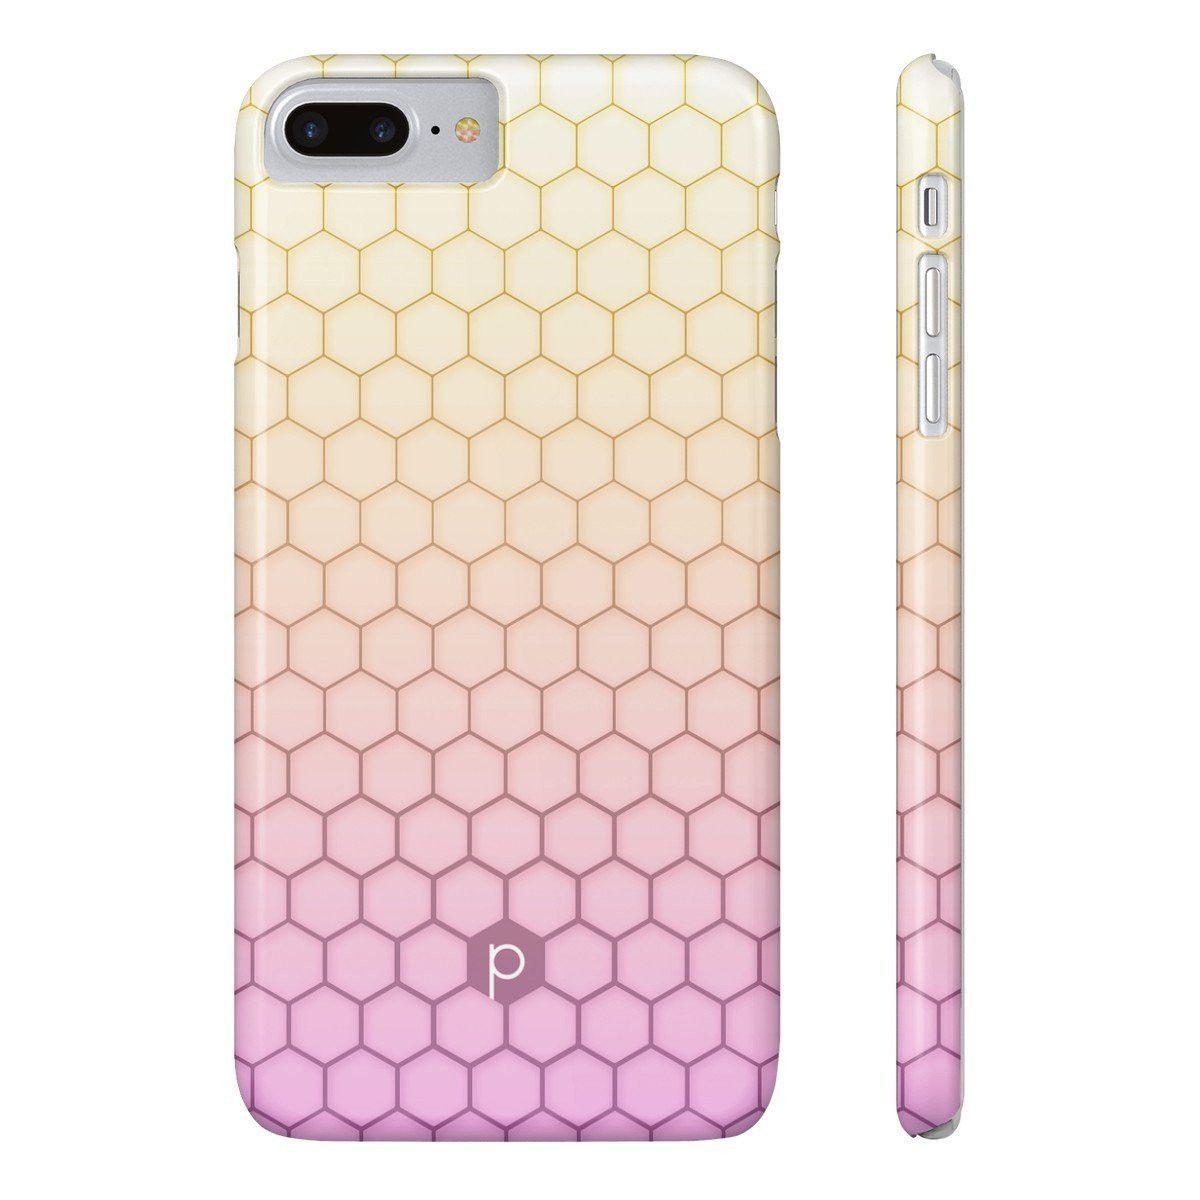 Sunset Honeycomb Phone Case